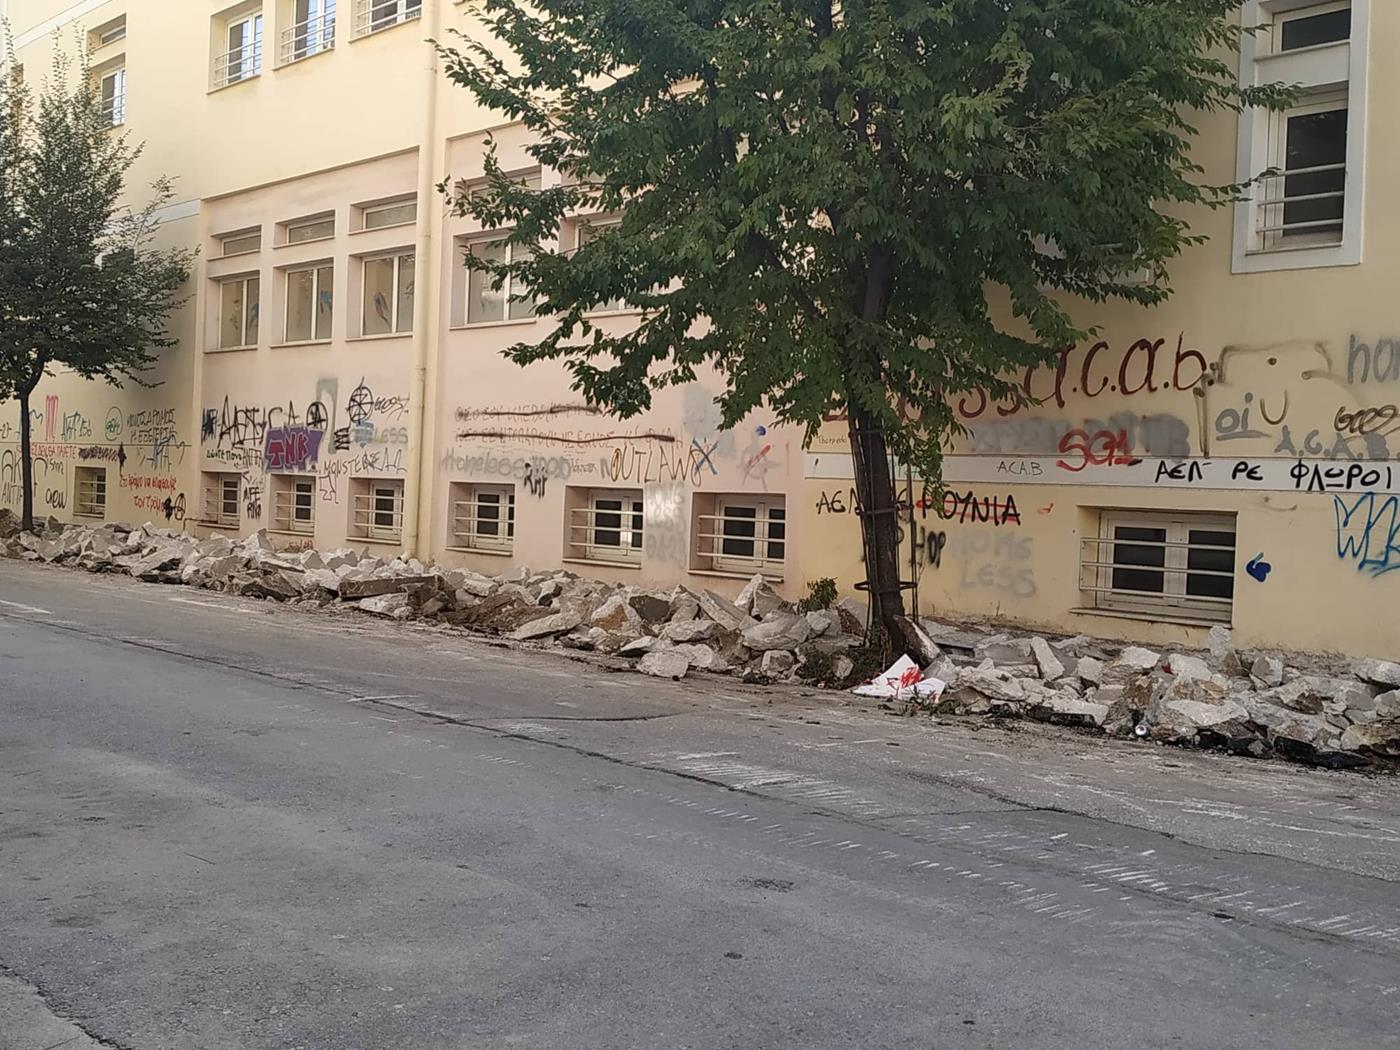 Μπήκαν... μπουλντόνζες στη συνοικία του Αγίου Κωνσταντίνου - Τι έργα προβλέπονται για την περιοχή (φωτό)